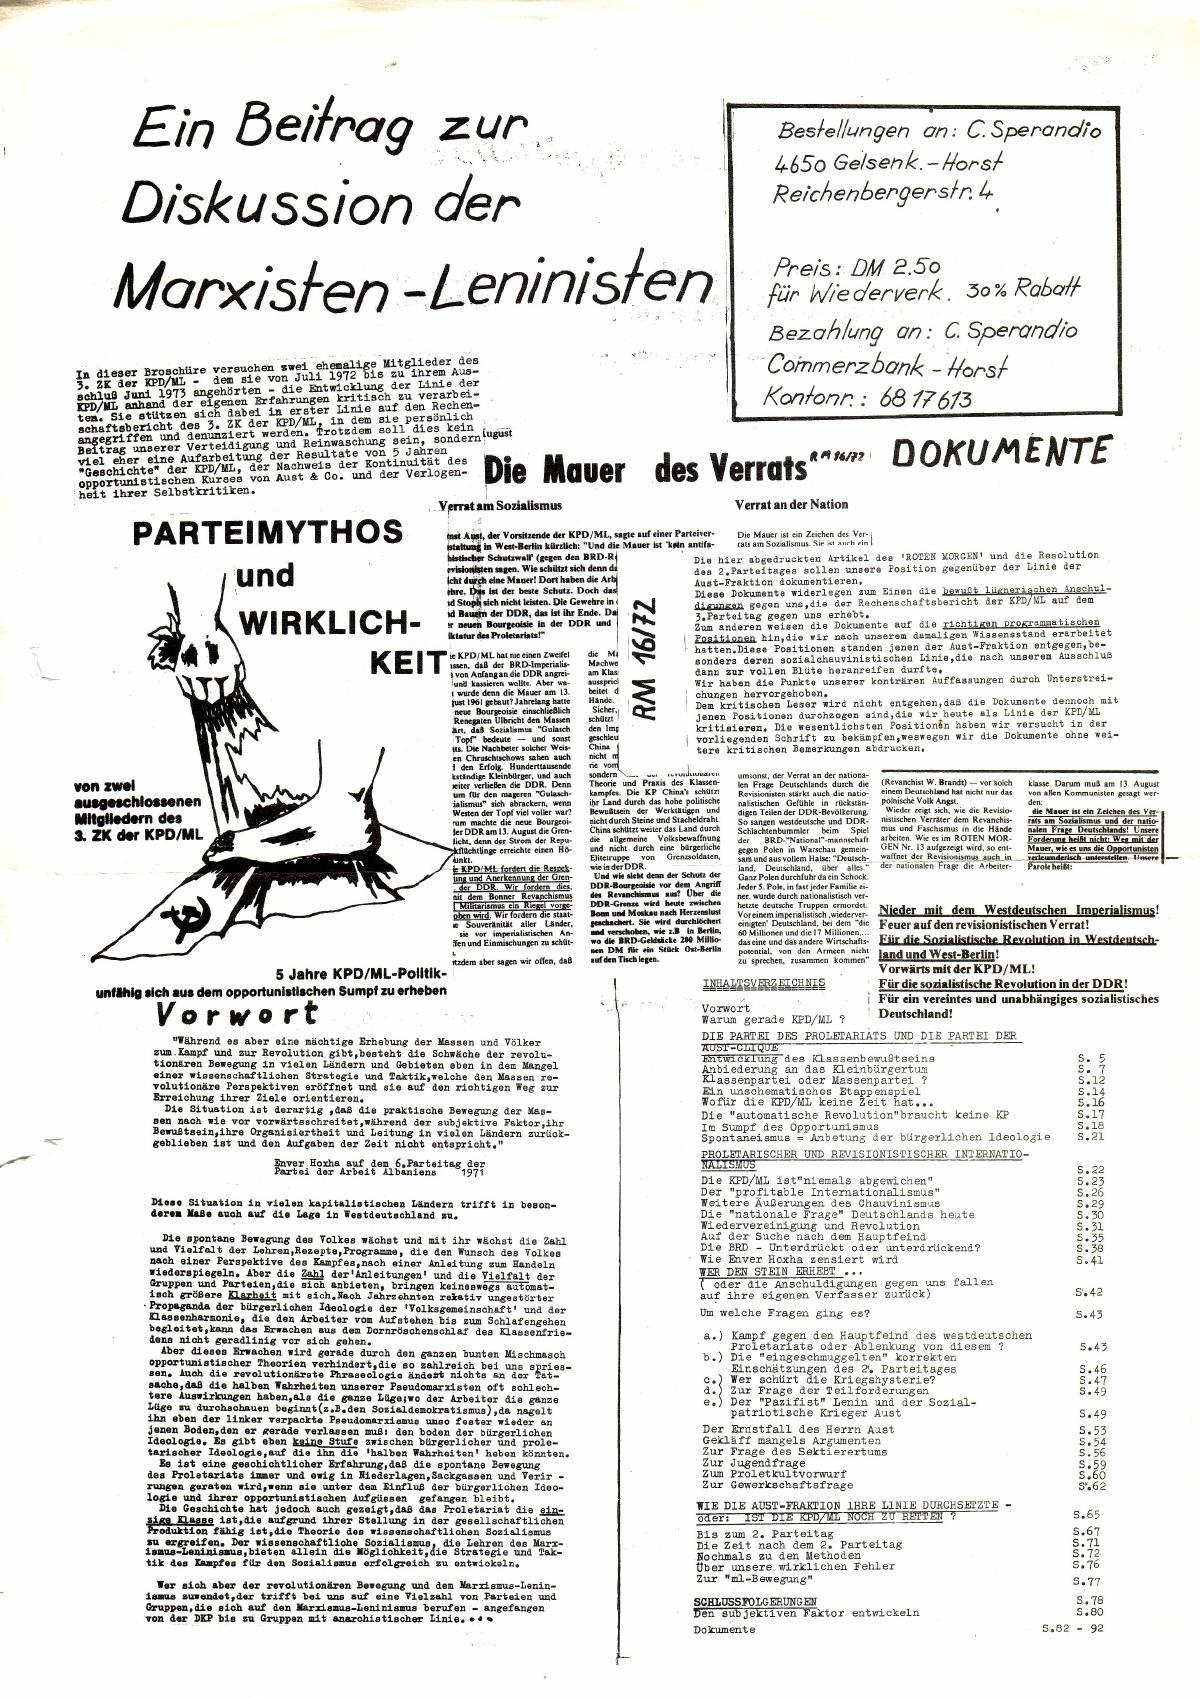 Gelsenkirchen_1977_Parteimythos_und_Wirklichkeit_51